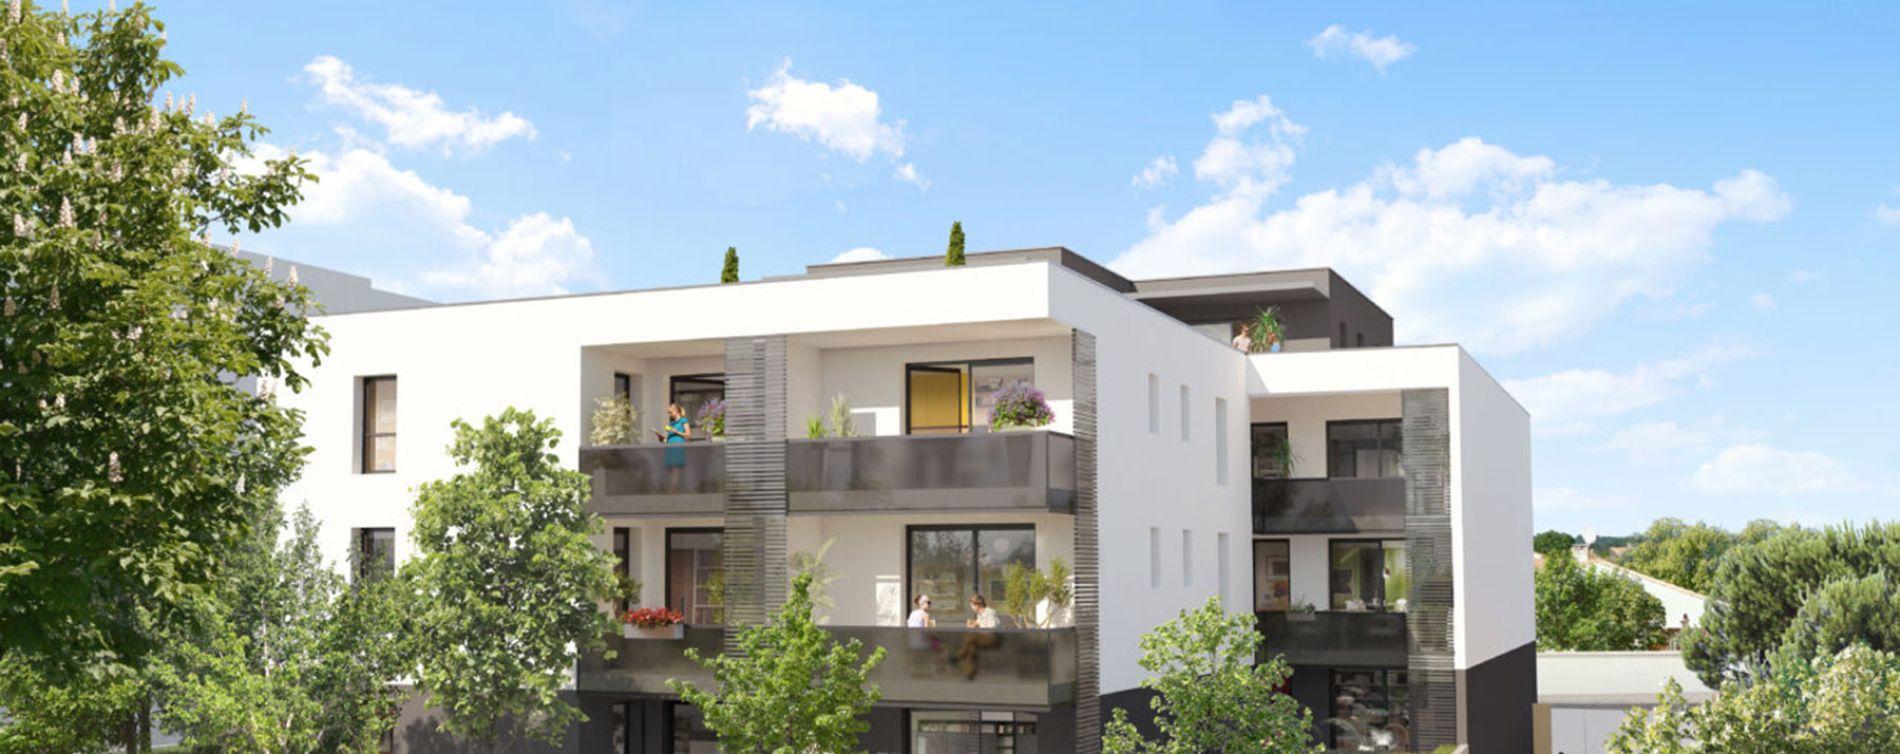 Castelnau-le-Lez : programme immobilier neuve « Programme immobilier n°217505 » en Loi Pinel